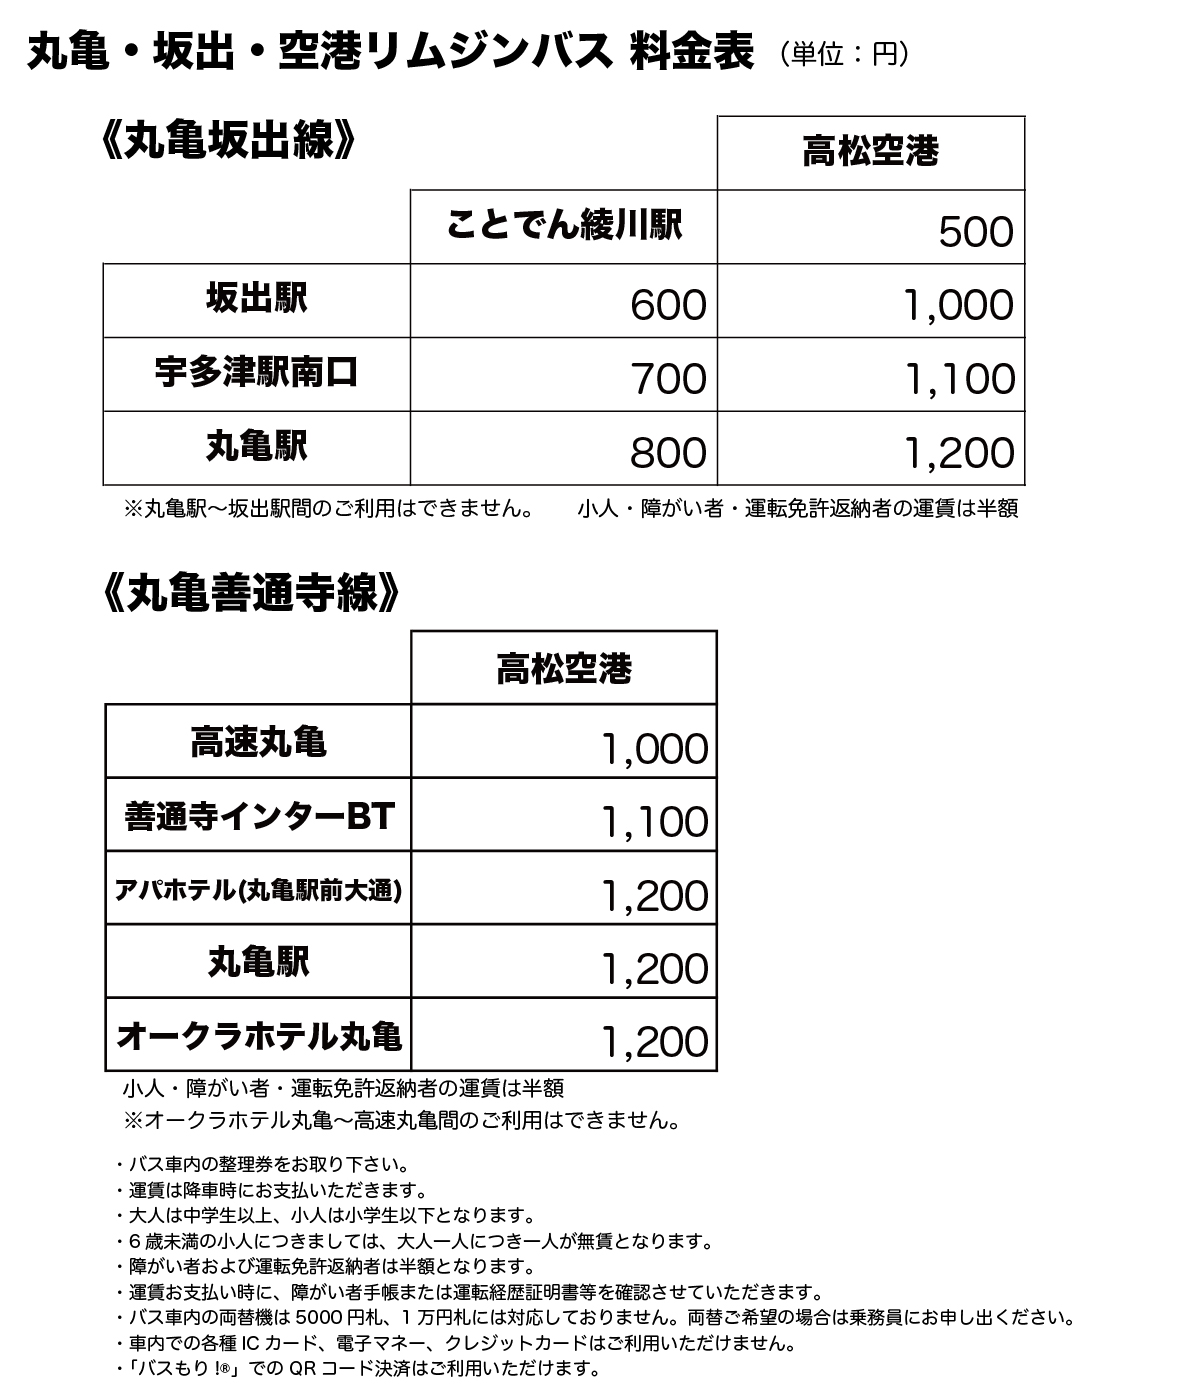 水族館 料金 四国